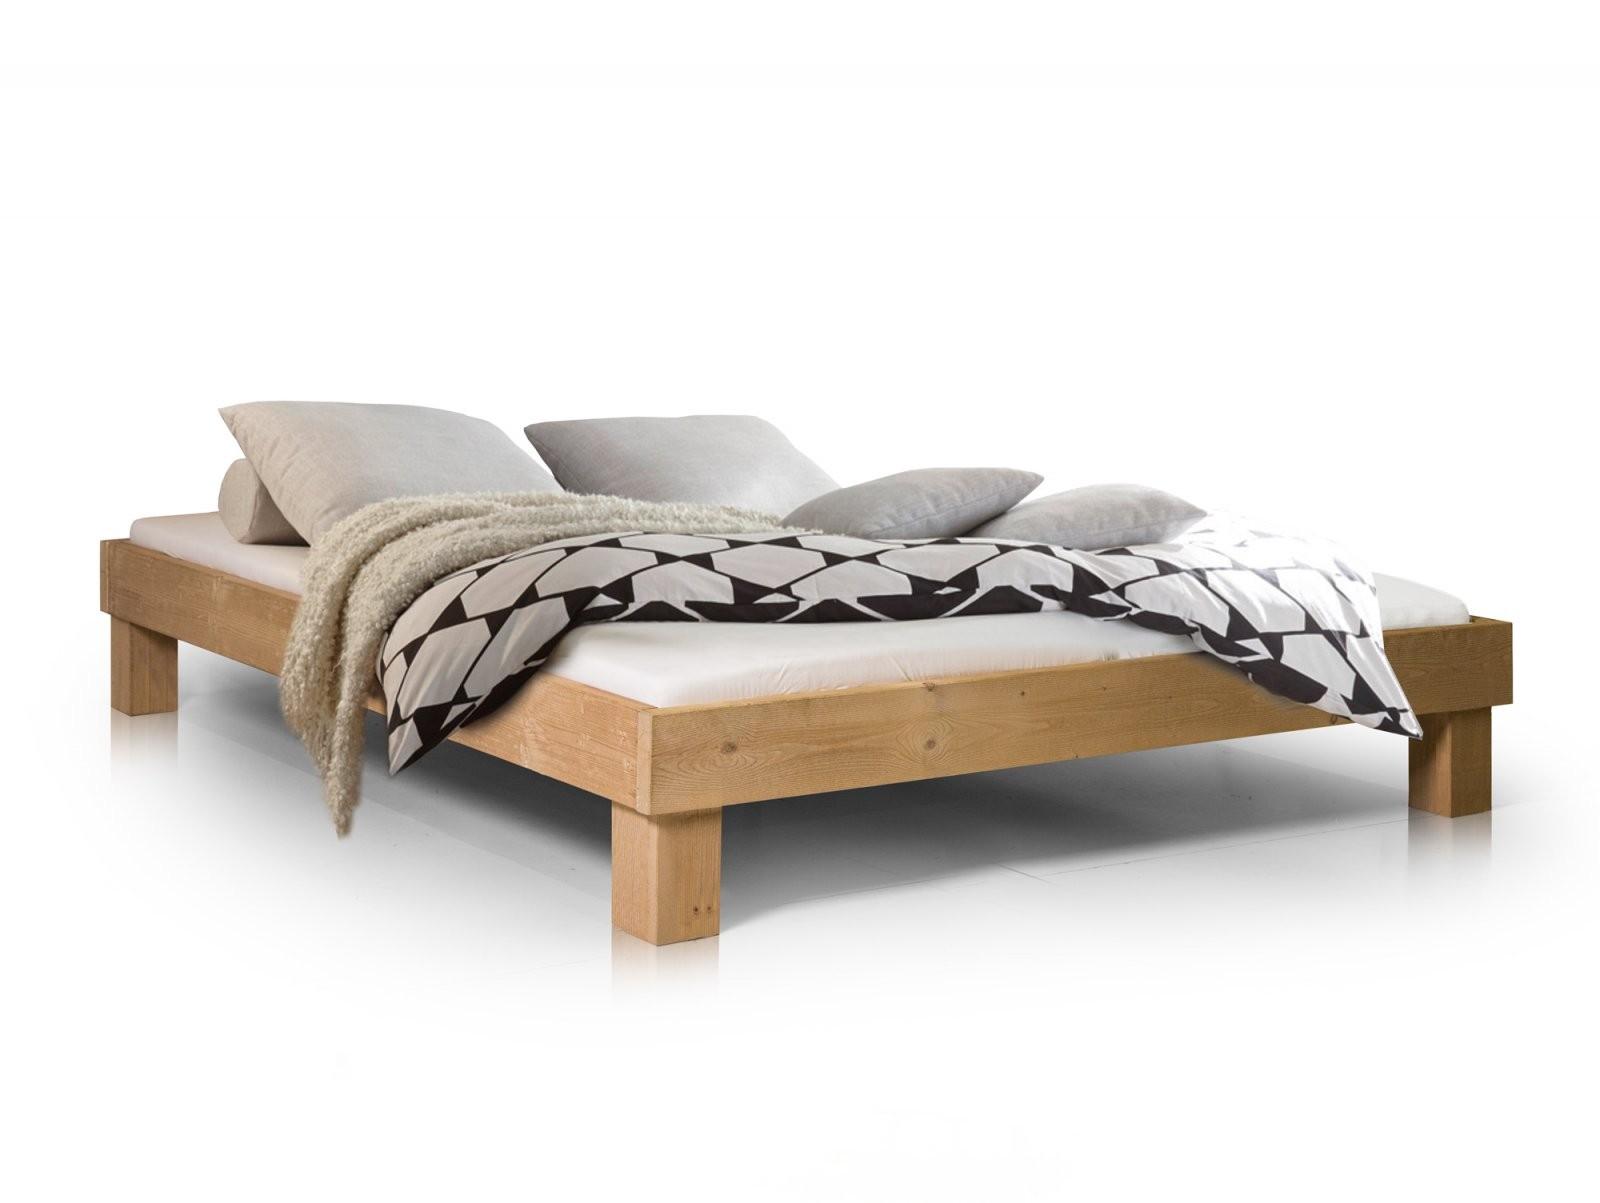 Pumba Doppelbett Futonbett 160X200 Massivholz Fichte Eichefarbig von Bett Weiß Ohne Kopfteil Photo